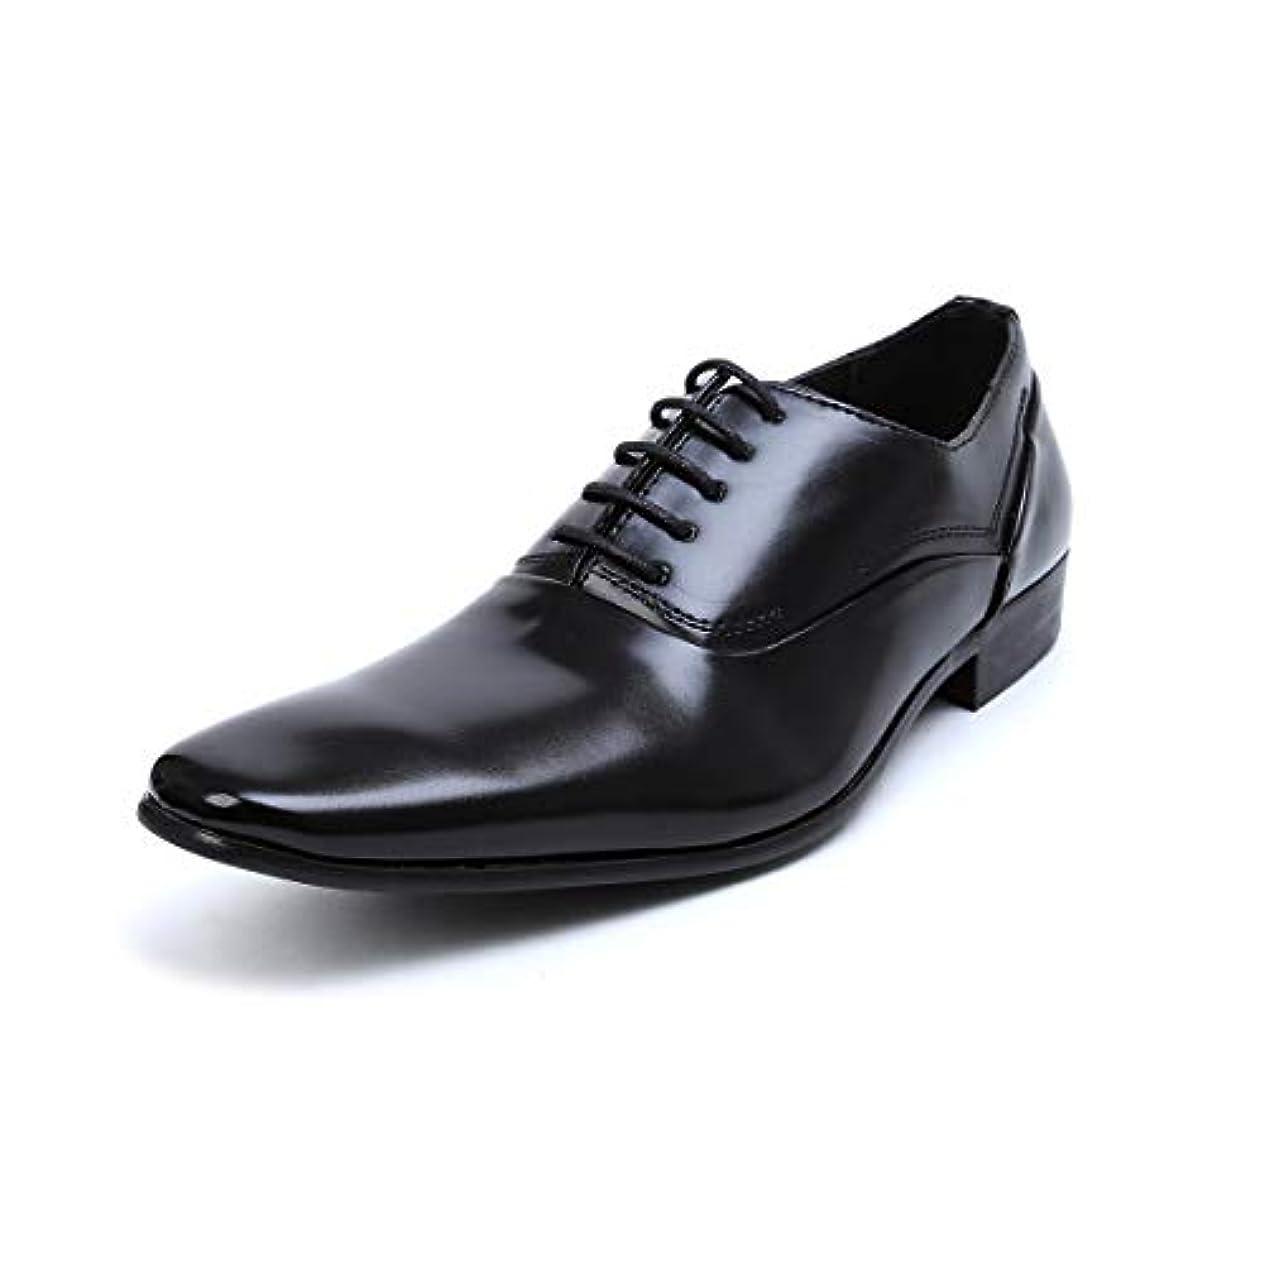 合体ふさわしい切る[エムエムワン] 25種類から選ぶ ビジネスシューズ メンズ ロングノーズ レースアップ フェイクレザー ストレートチップ 内羽根 ウィングチップ プレーントゥ 紳士靴 BZB007